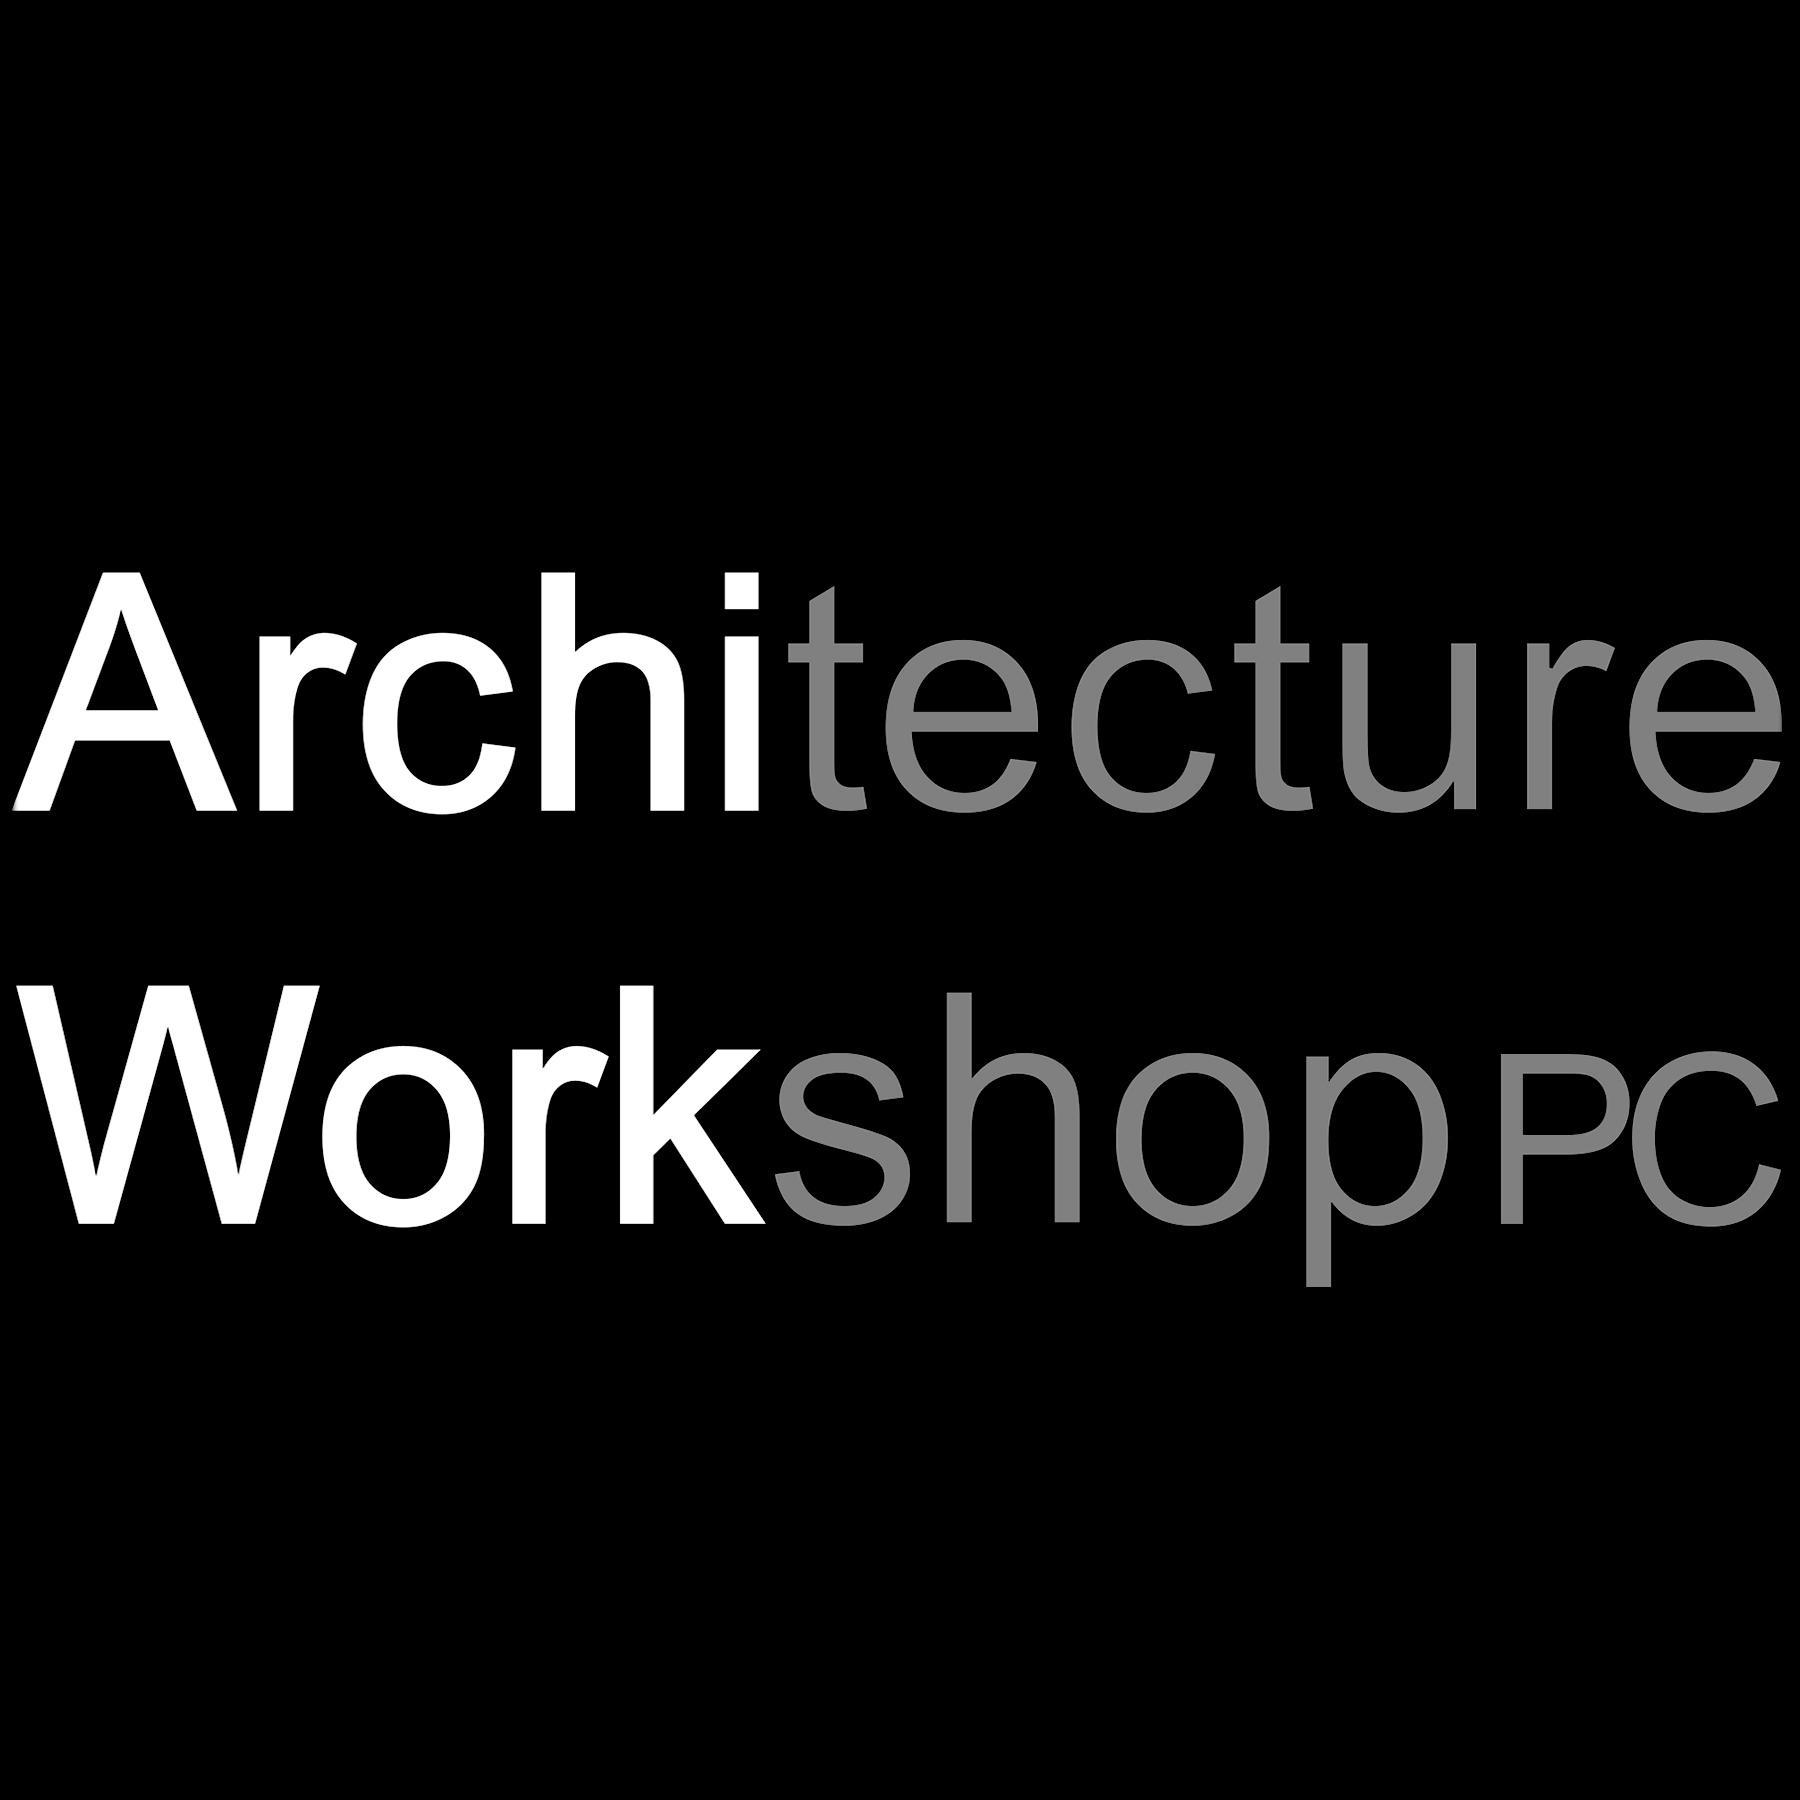 Architecture Workshop PC